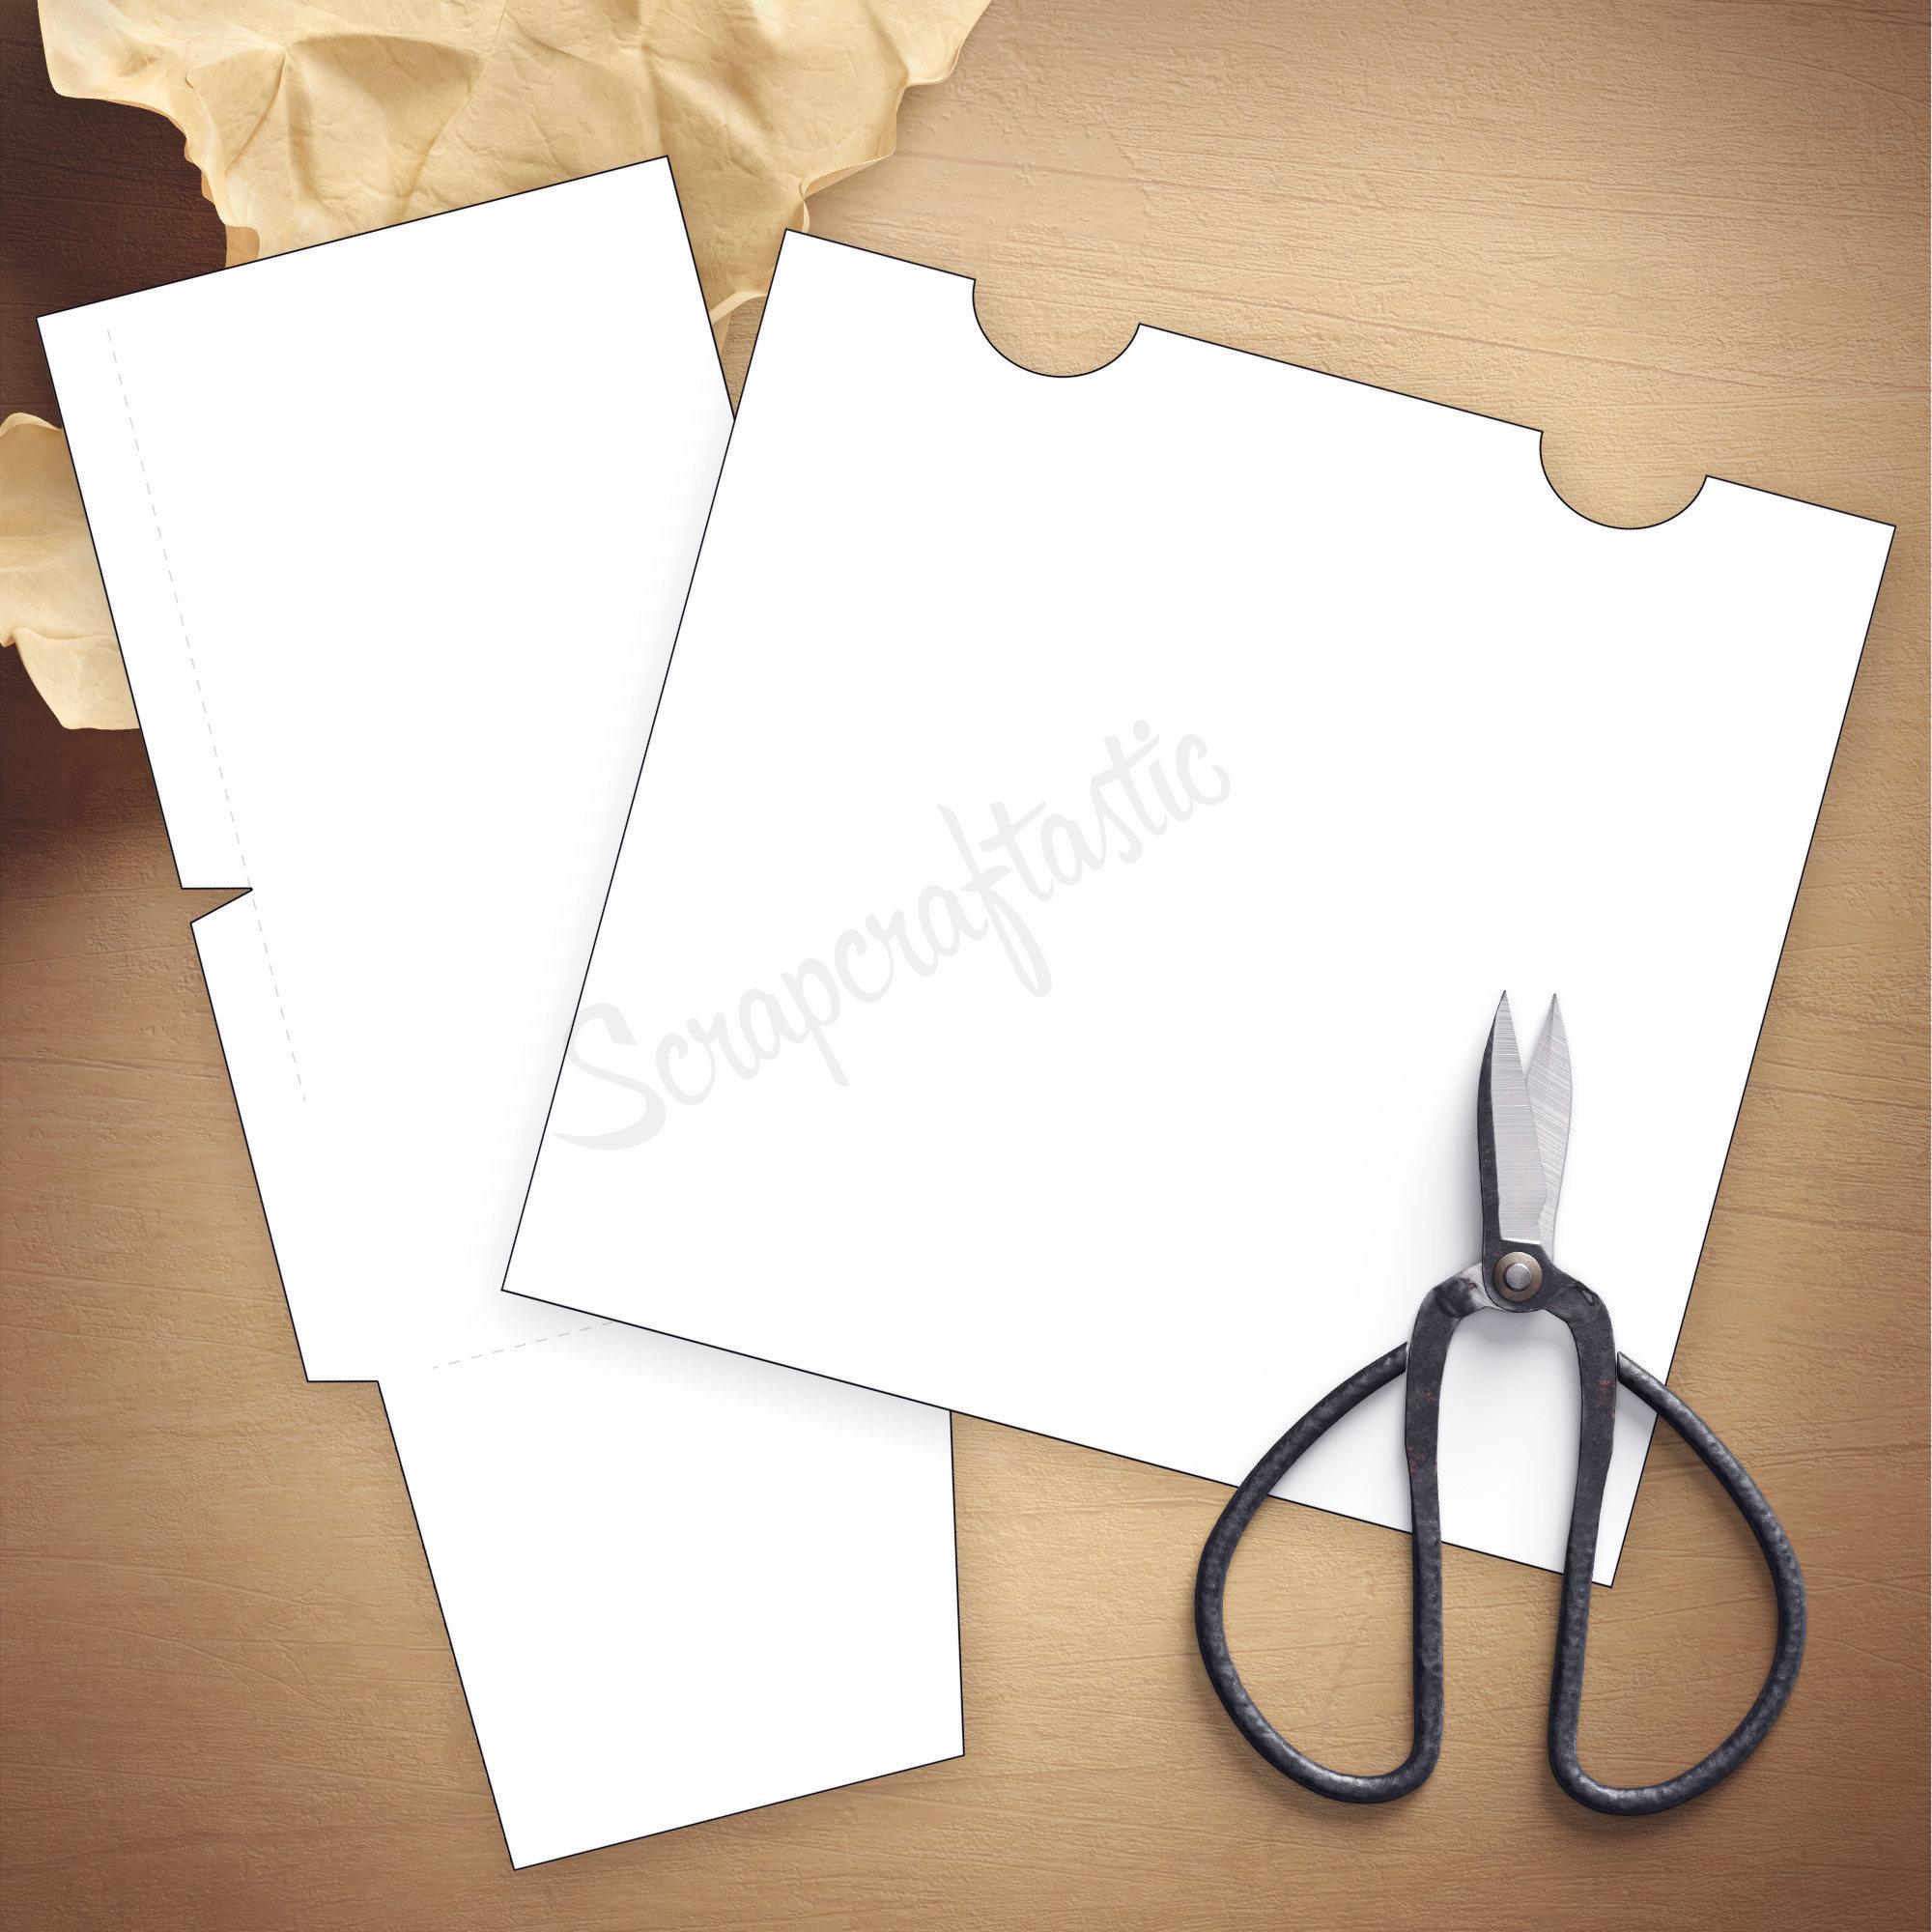 Folder Insert Template for Standard or Regular Size Traveler's Notebook 07010